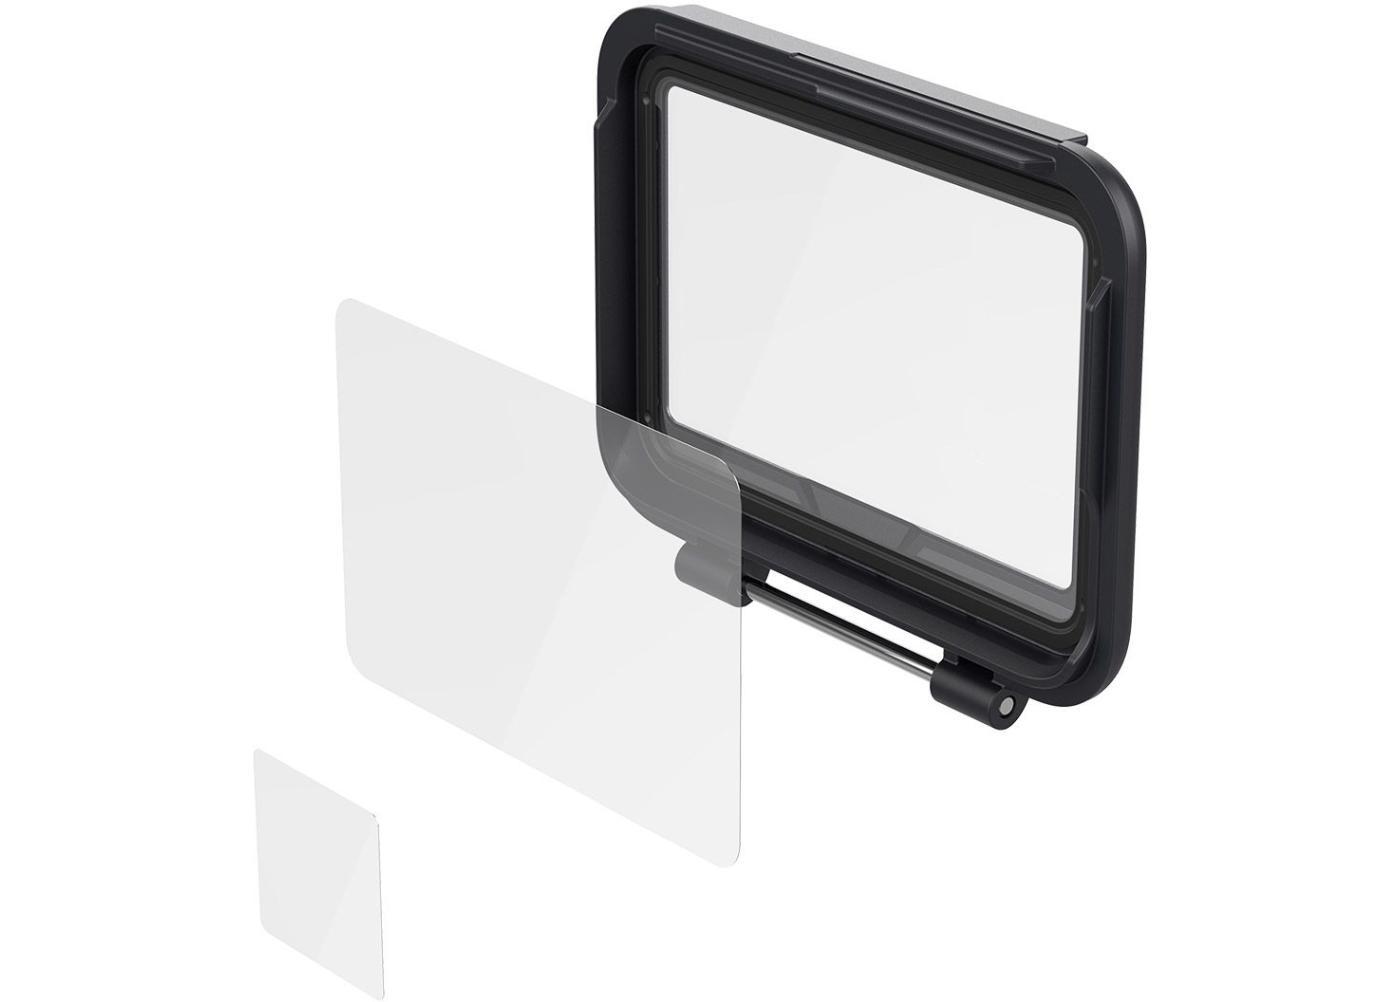 f4624f6fc1b Ekraanikaitse kile Hero5 Black kaamerale GoPro TC-184810 - ON24 ...